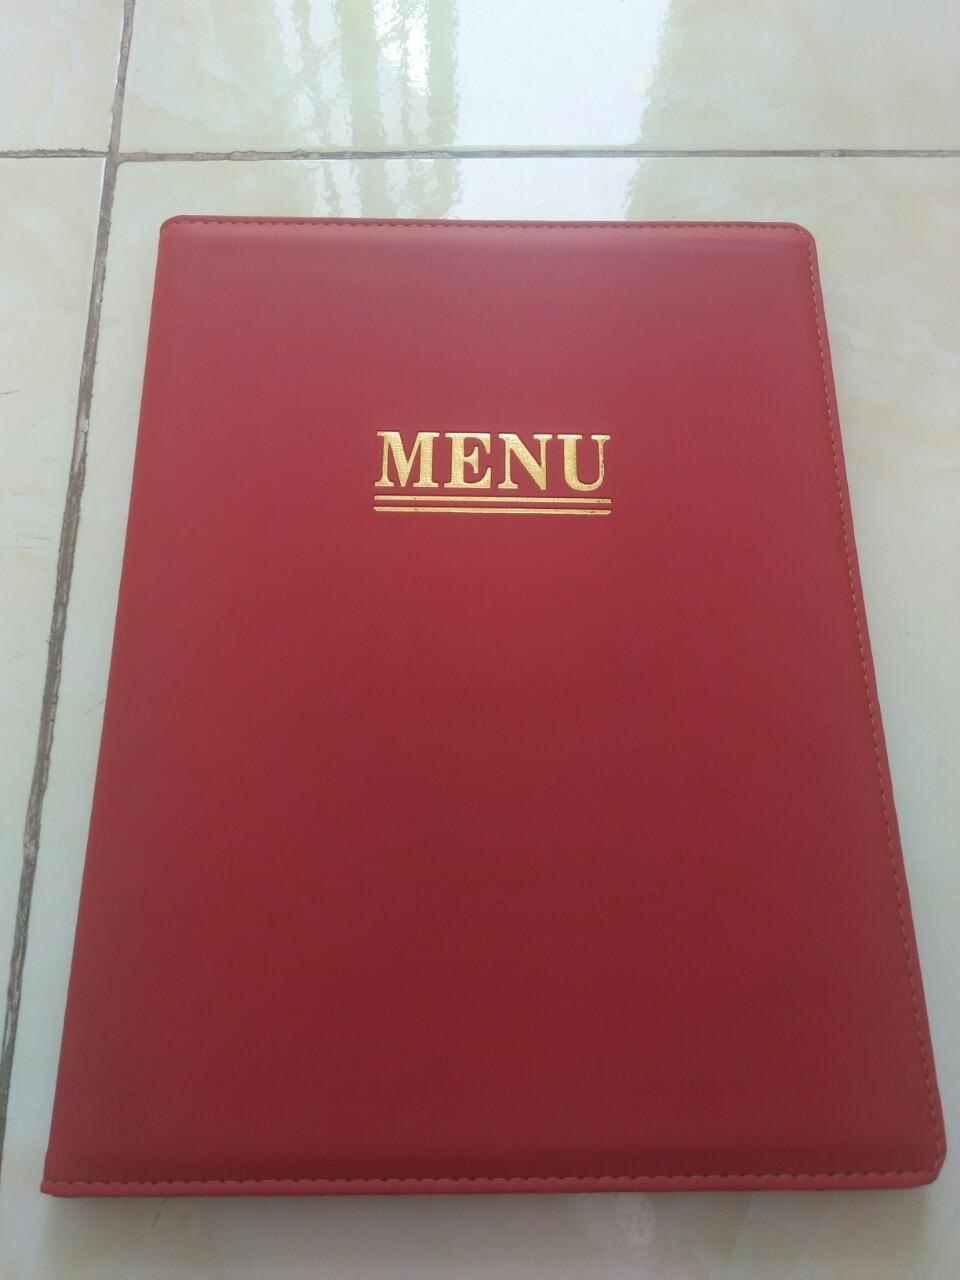 Cung cấp menu bìa da trên toàn quốc, bìa menu da, bìa kẹp thực đơn, bìa kẹp bill thanh toán có sẵn